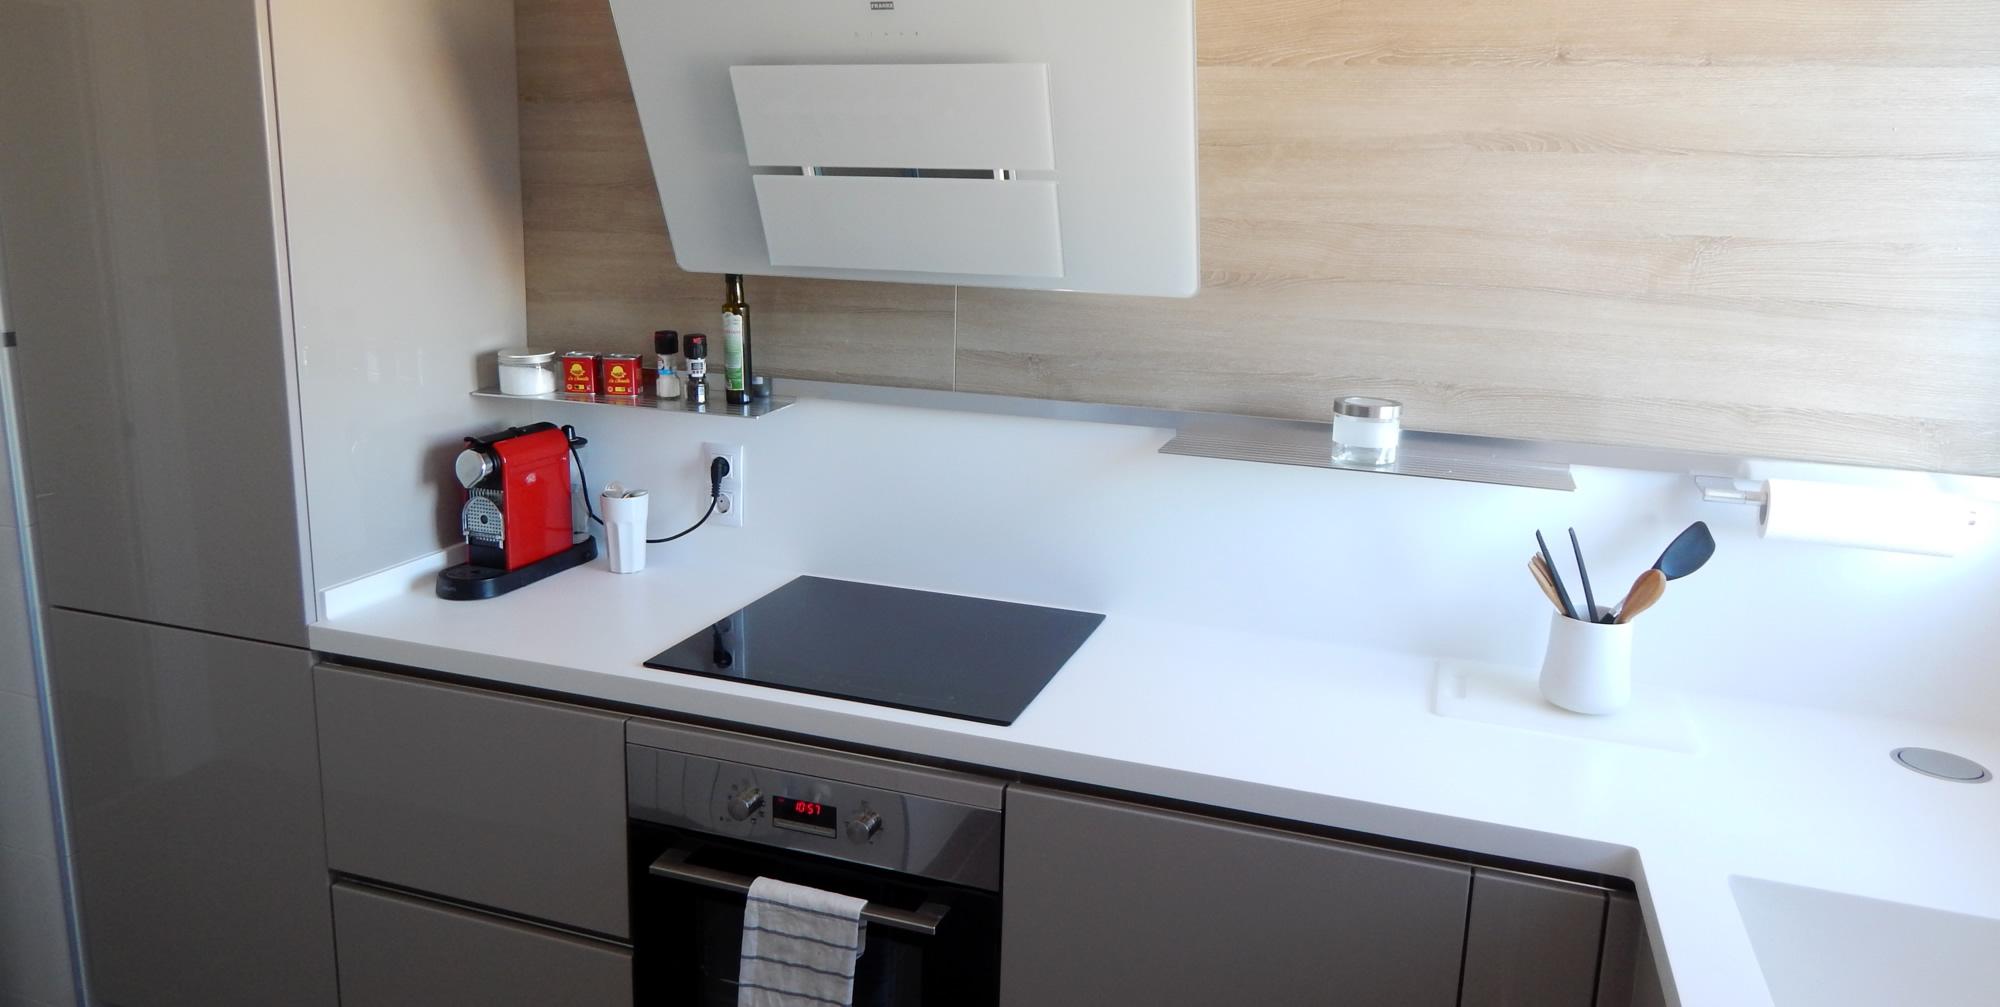 Muebles de cocina modelo 4030 for Muebles para encimeras